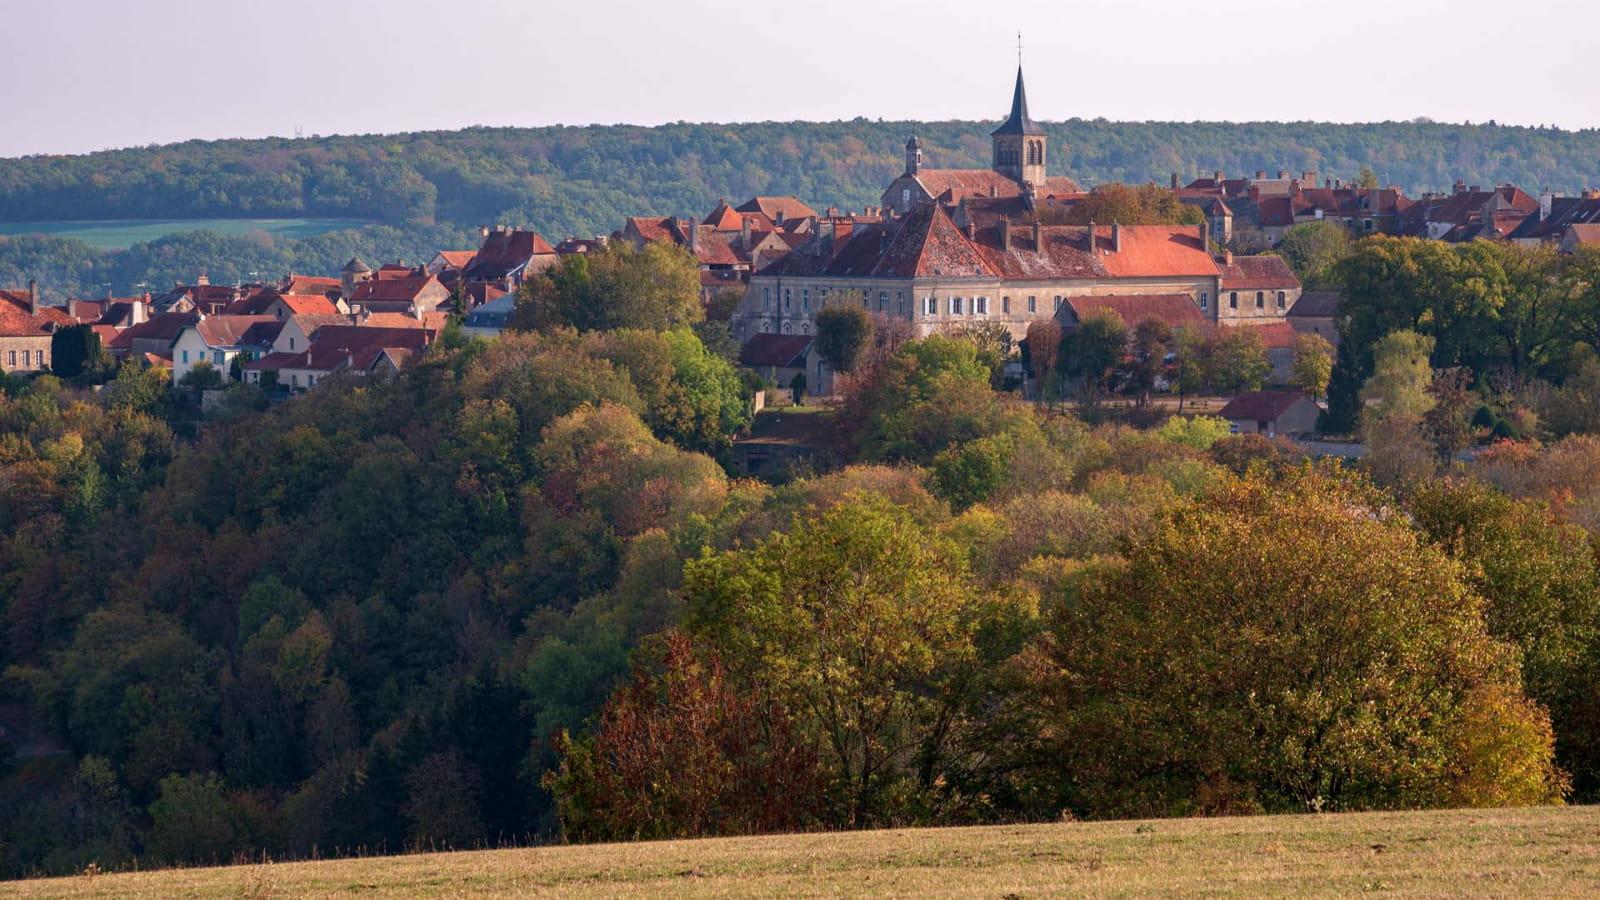 Un week-end dans l'Auxois : découverte du village de Flavigny